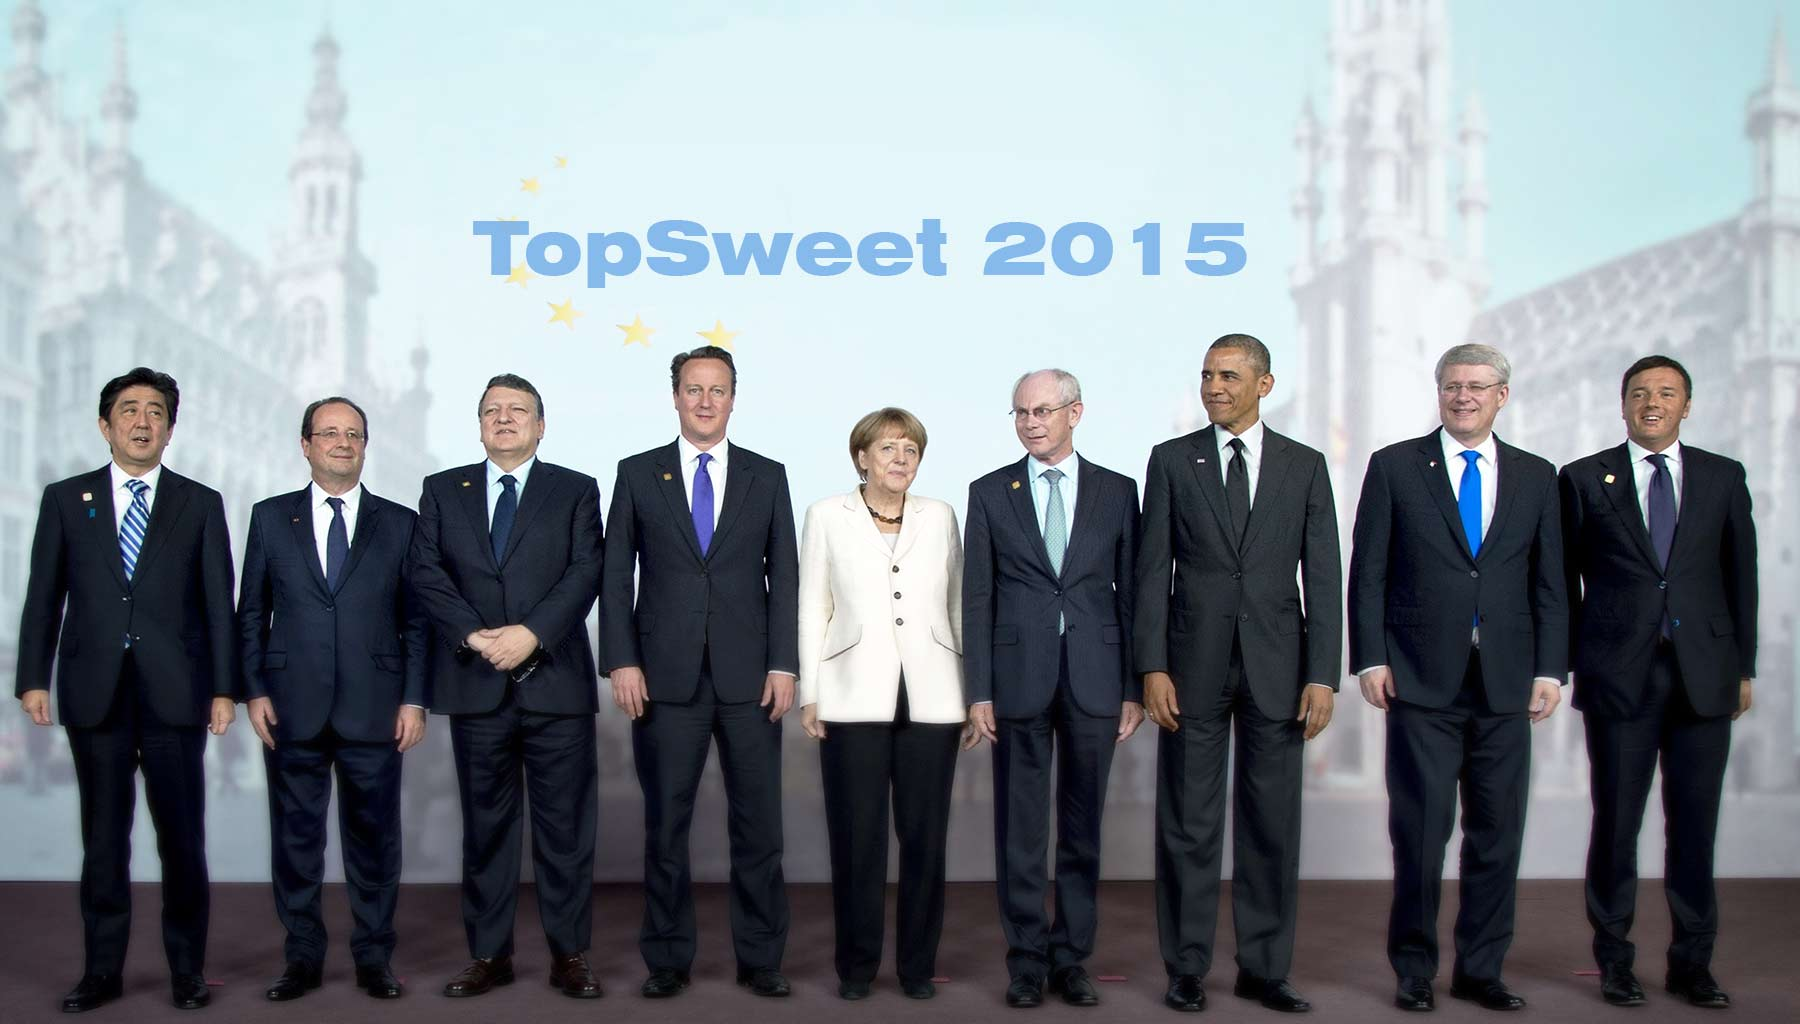 ТОП-10 самых влиятельных людей мира